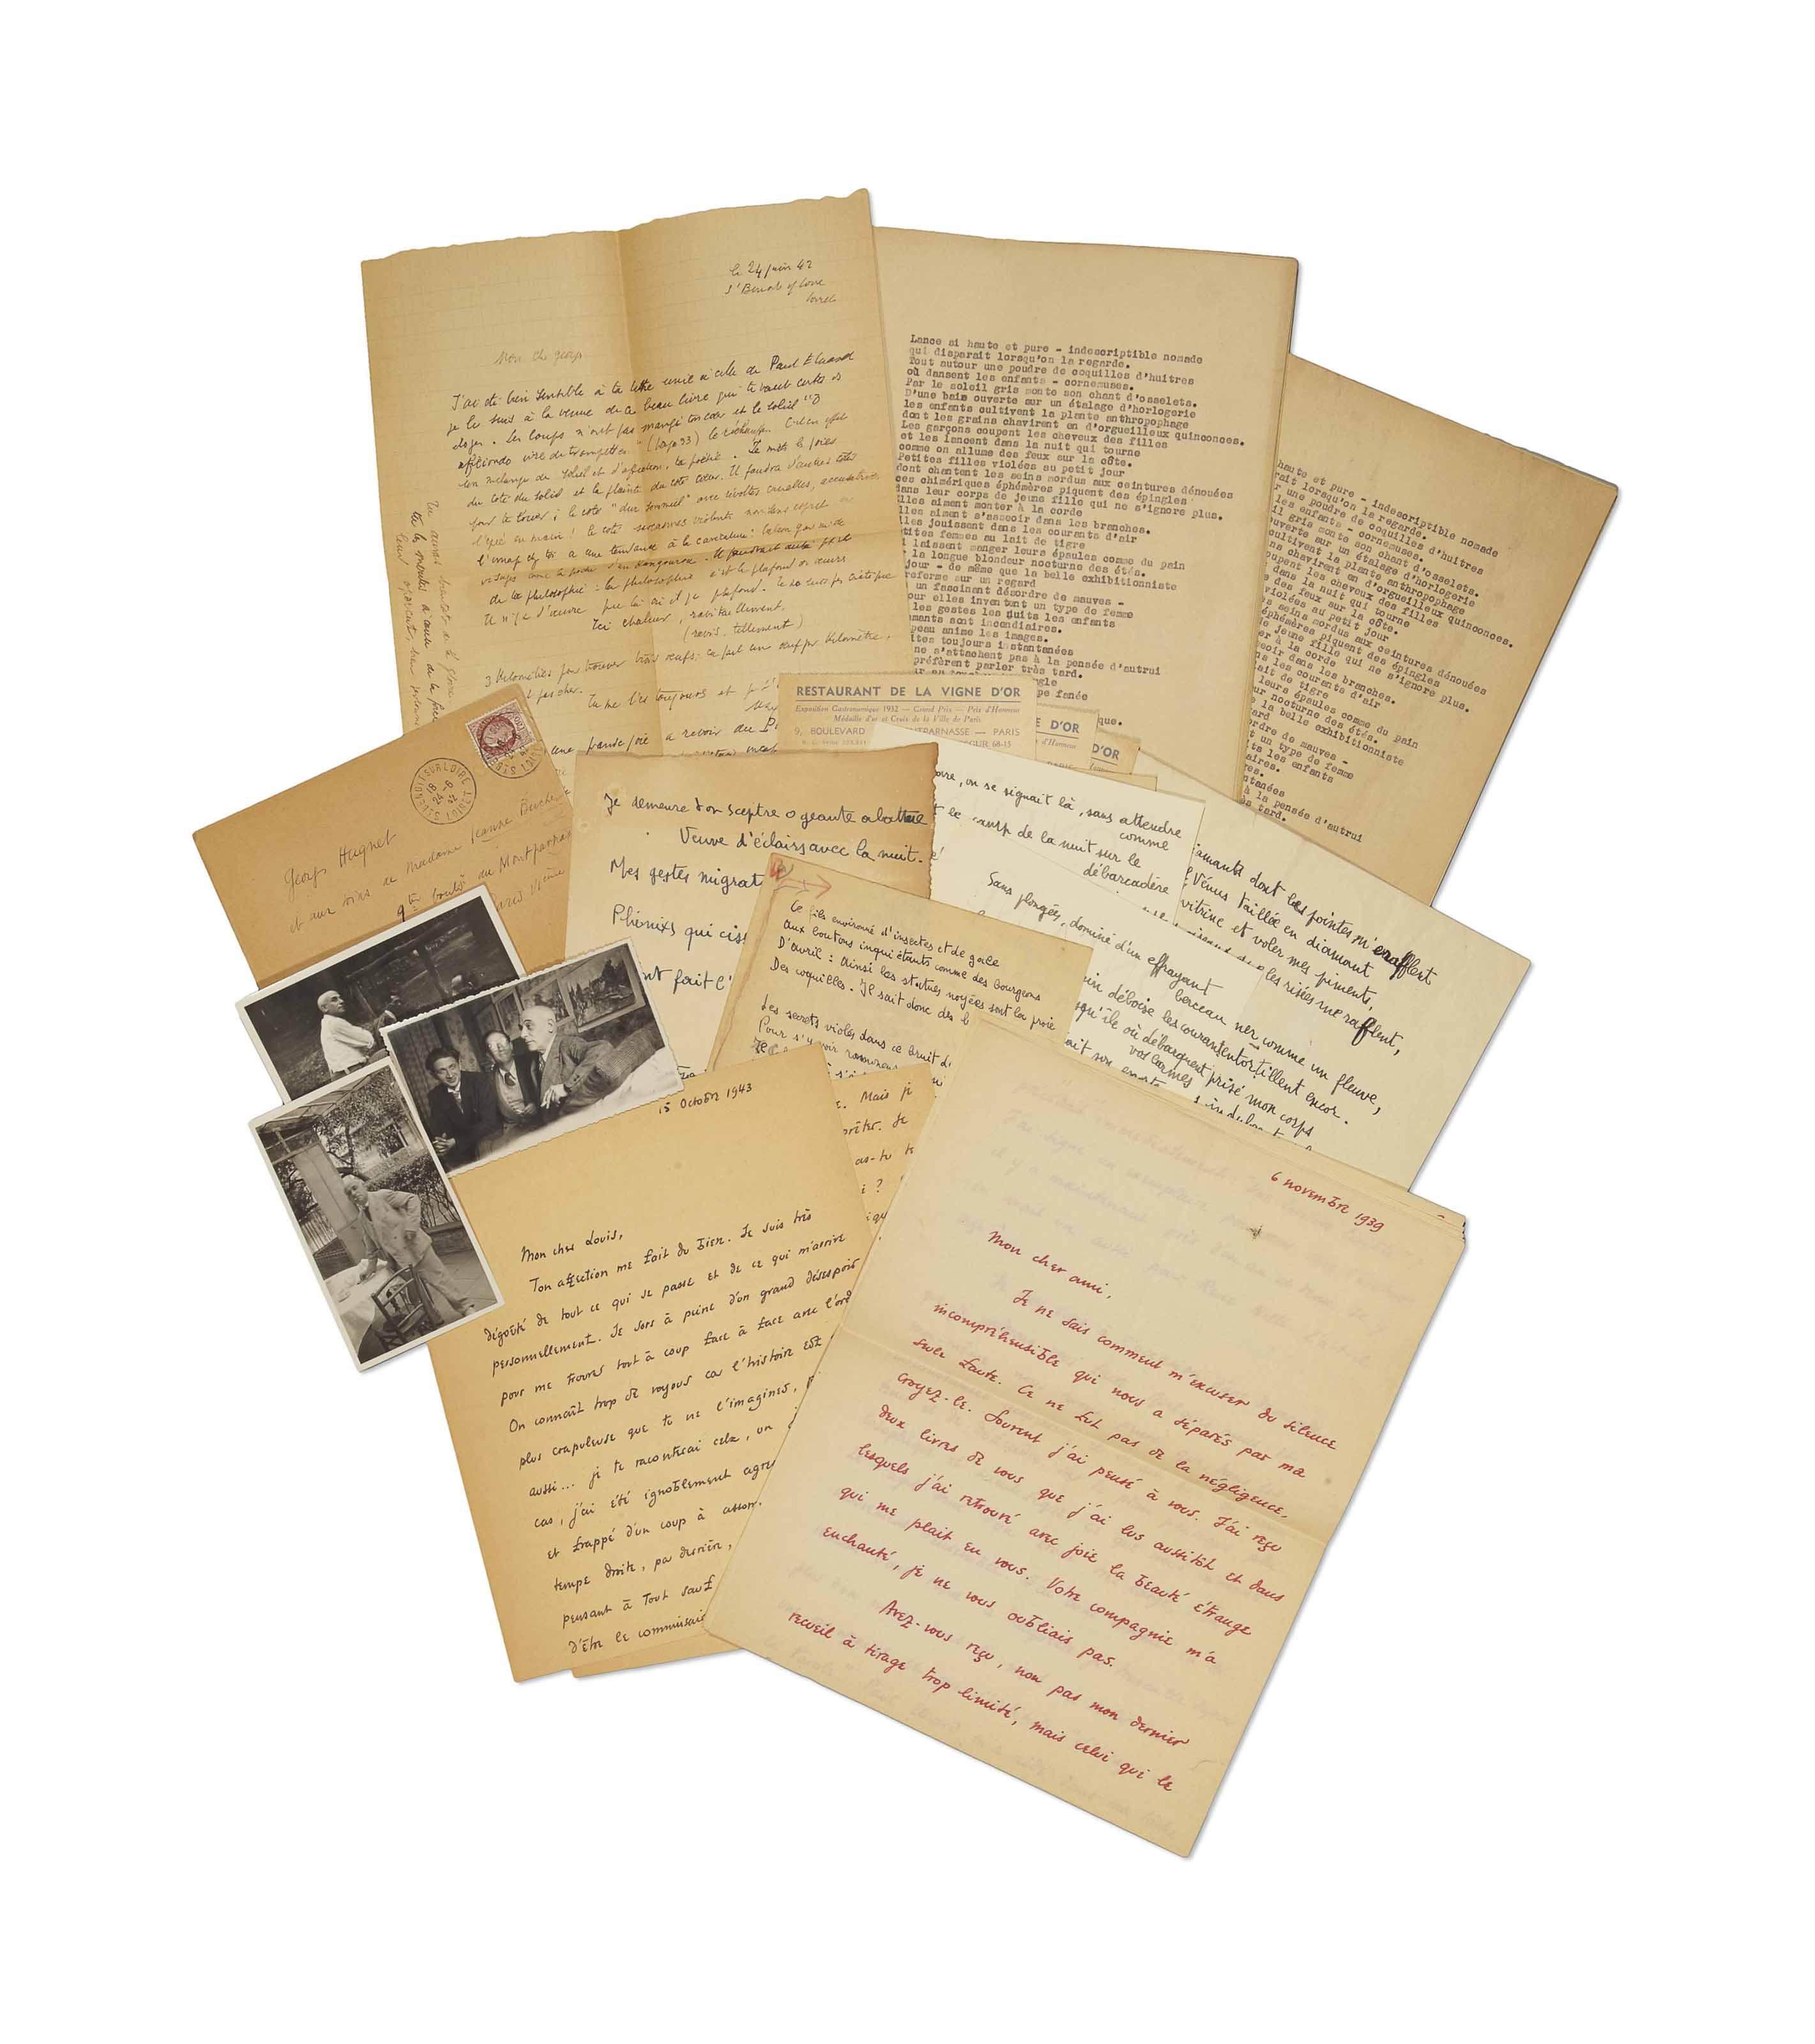 Max Jacob (1876-1944). 2 lettres autographes signées à Georges Hugnet, écrites de Saint-Benoît sur Loire.